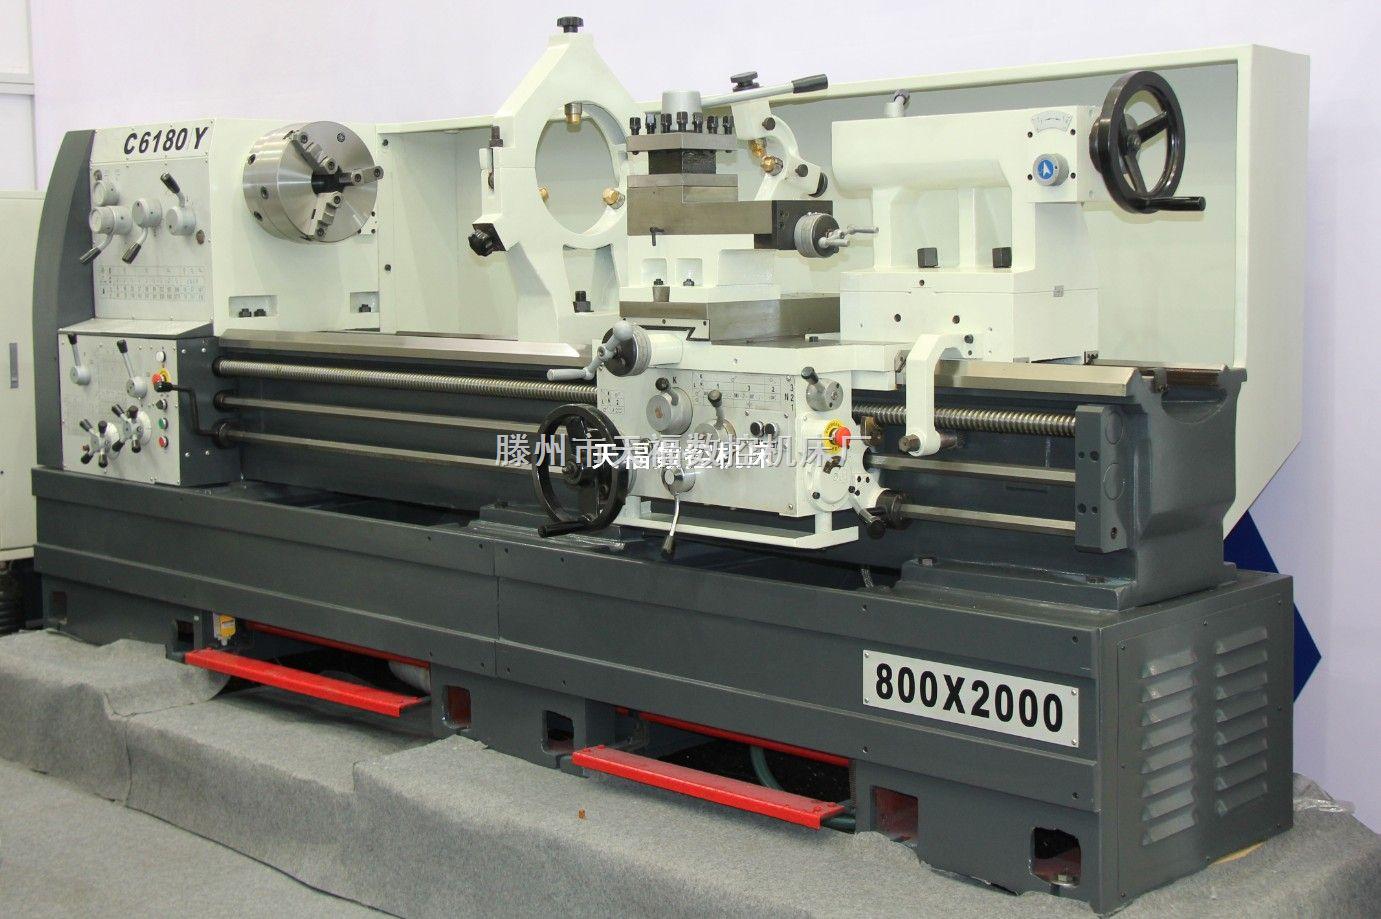 CY 系列大孔径精密车床价格,CY 系列大孔径精密车床天福厂